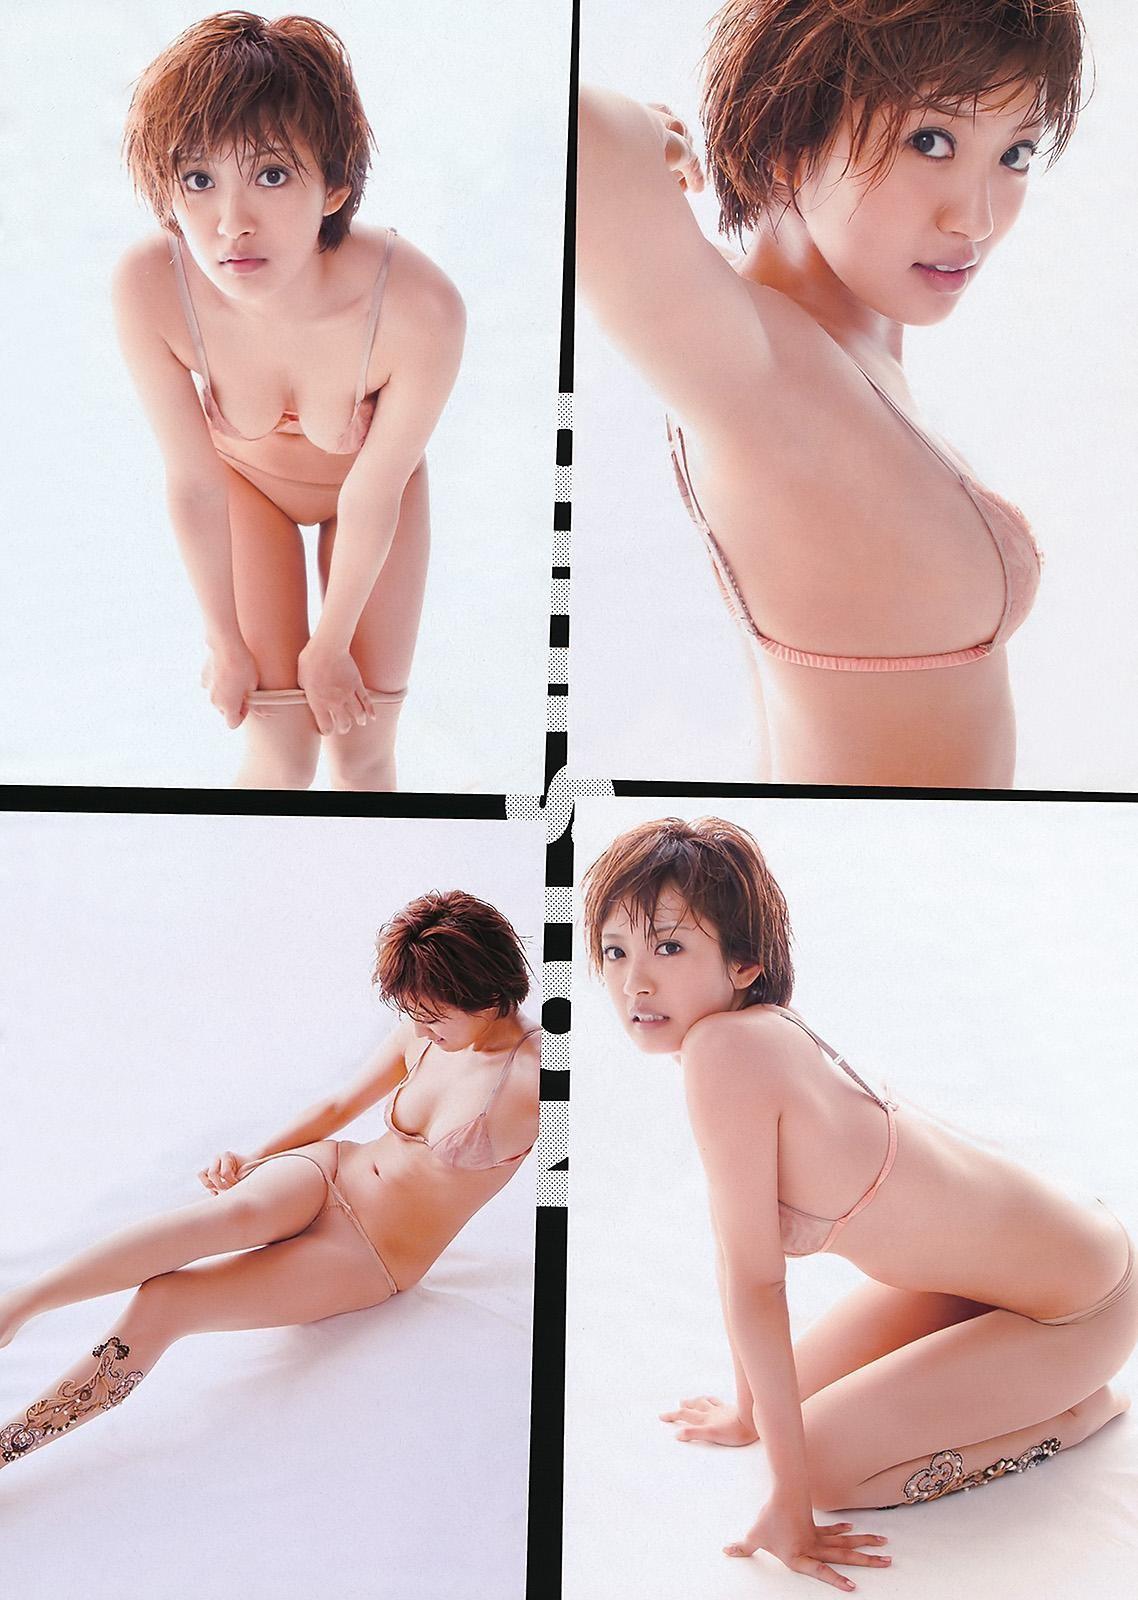 Naniwa Dvd Nude 14